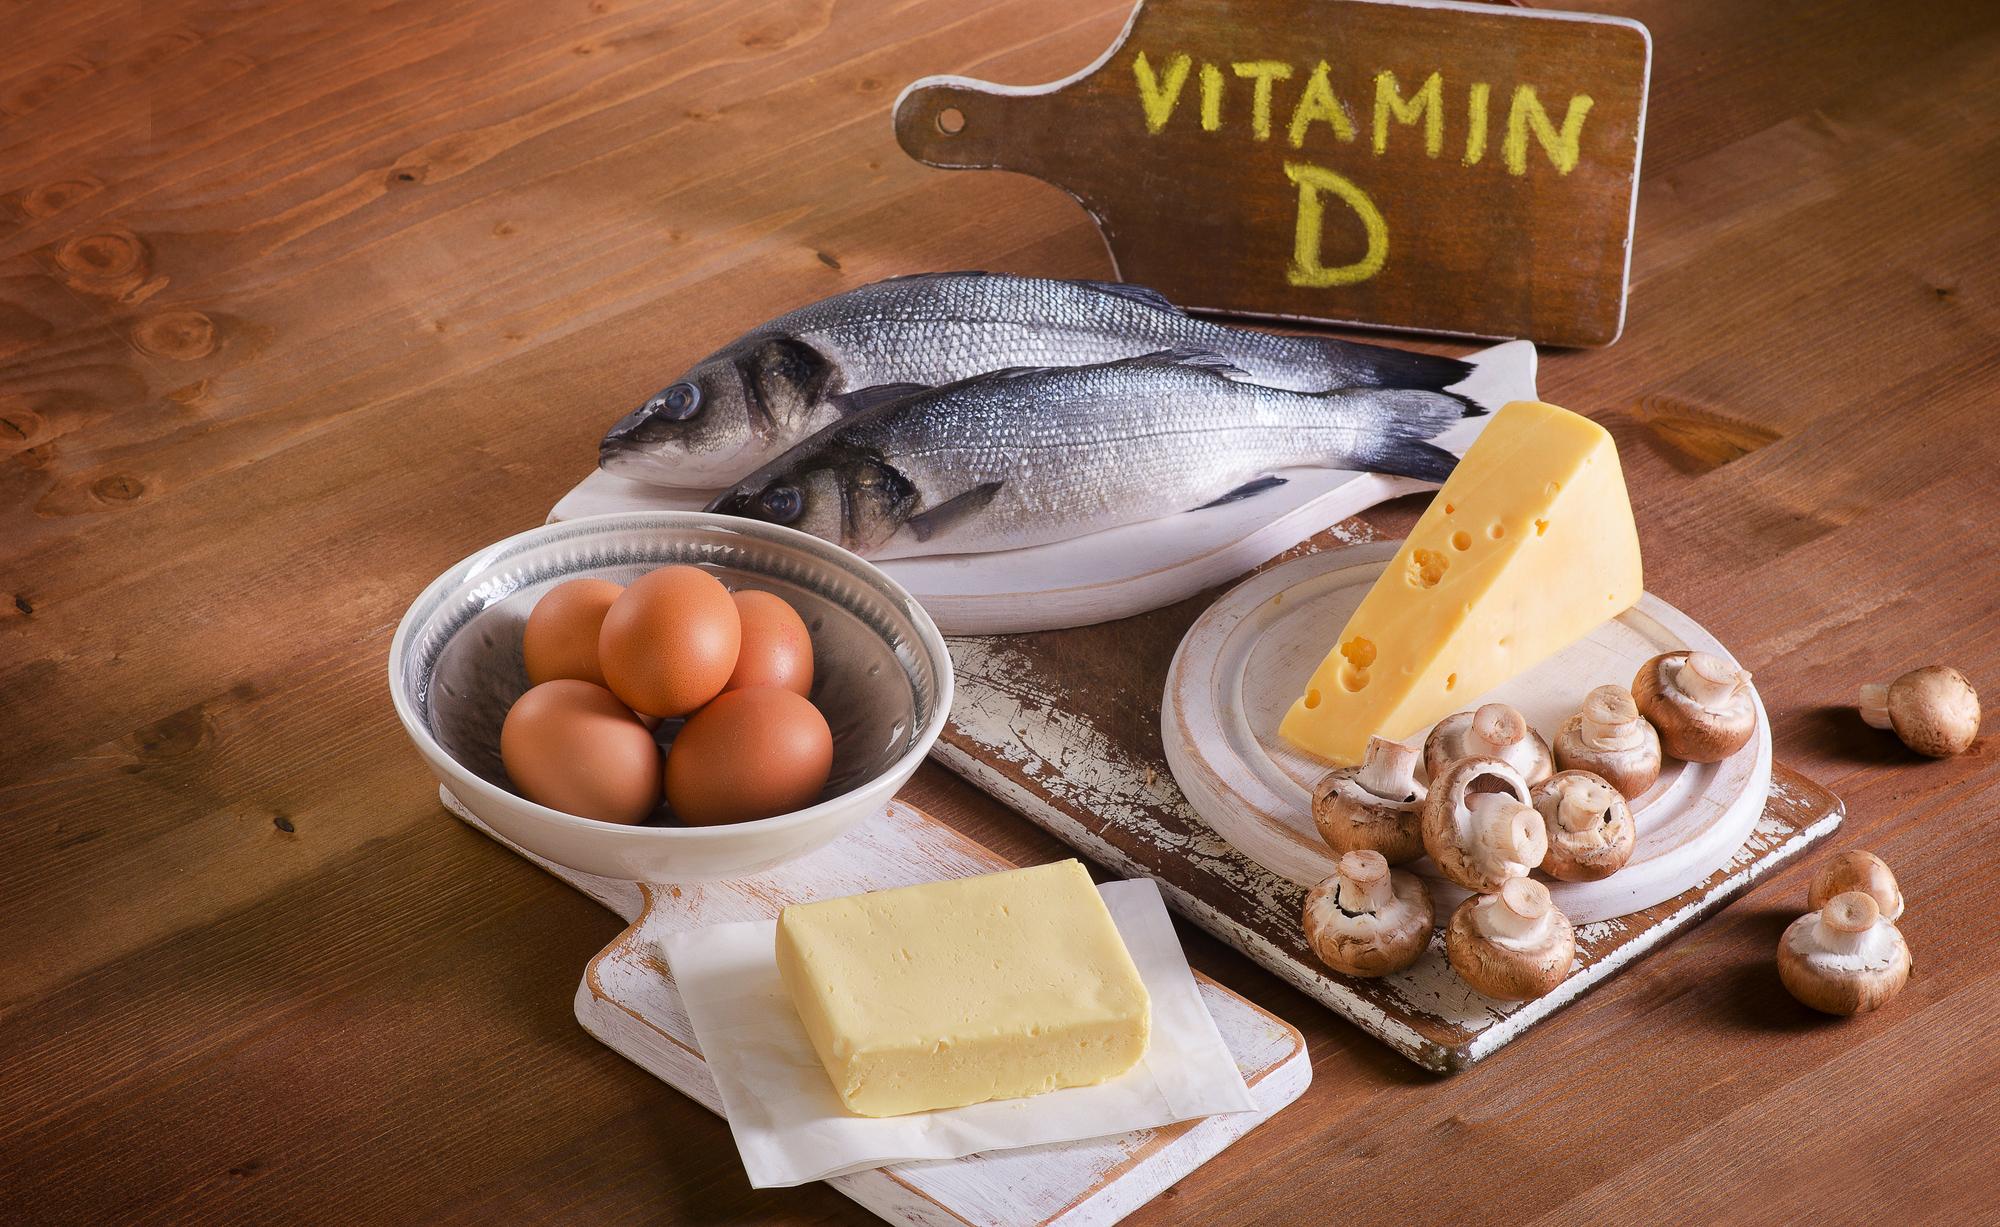 Витамин D: кому принимать и зачем?